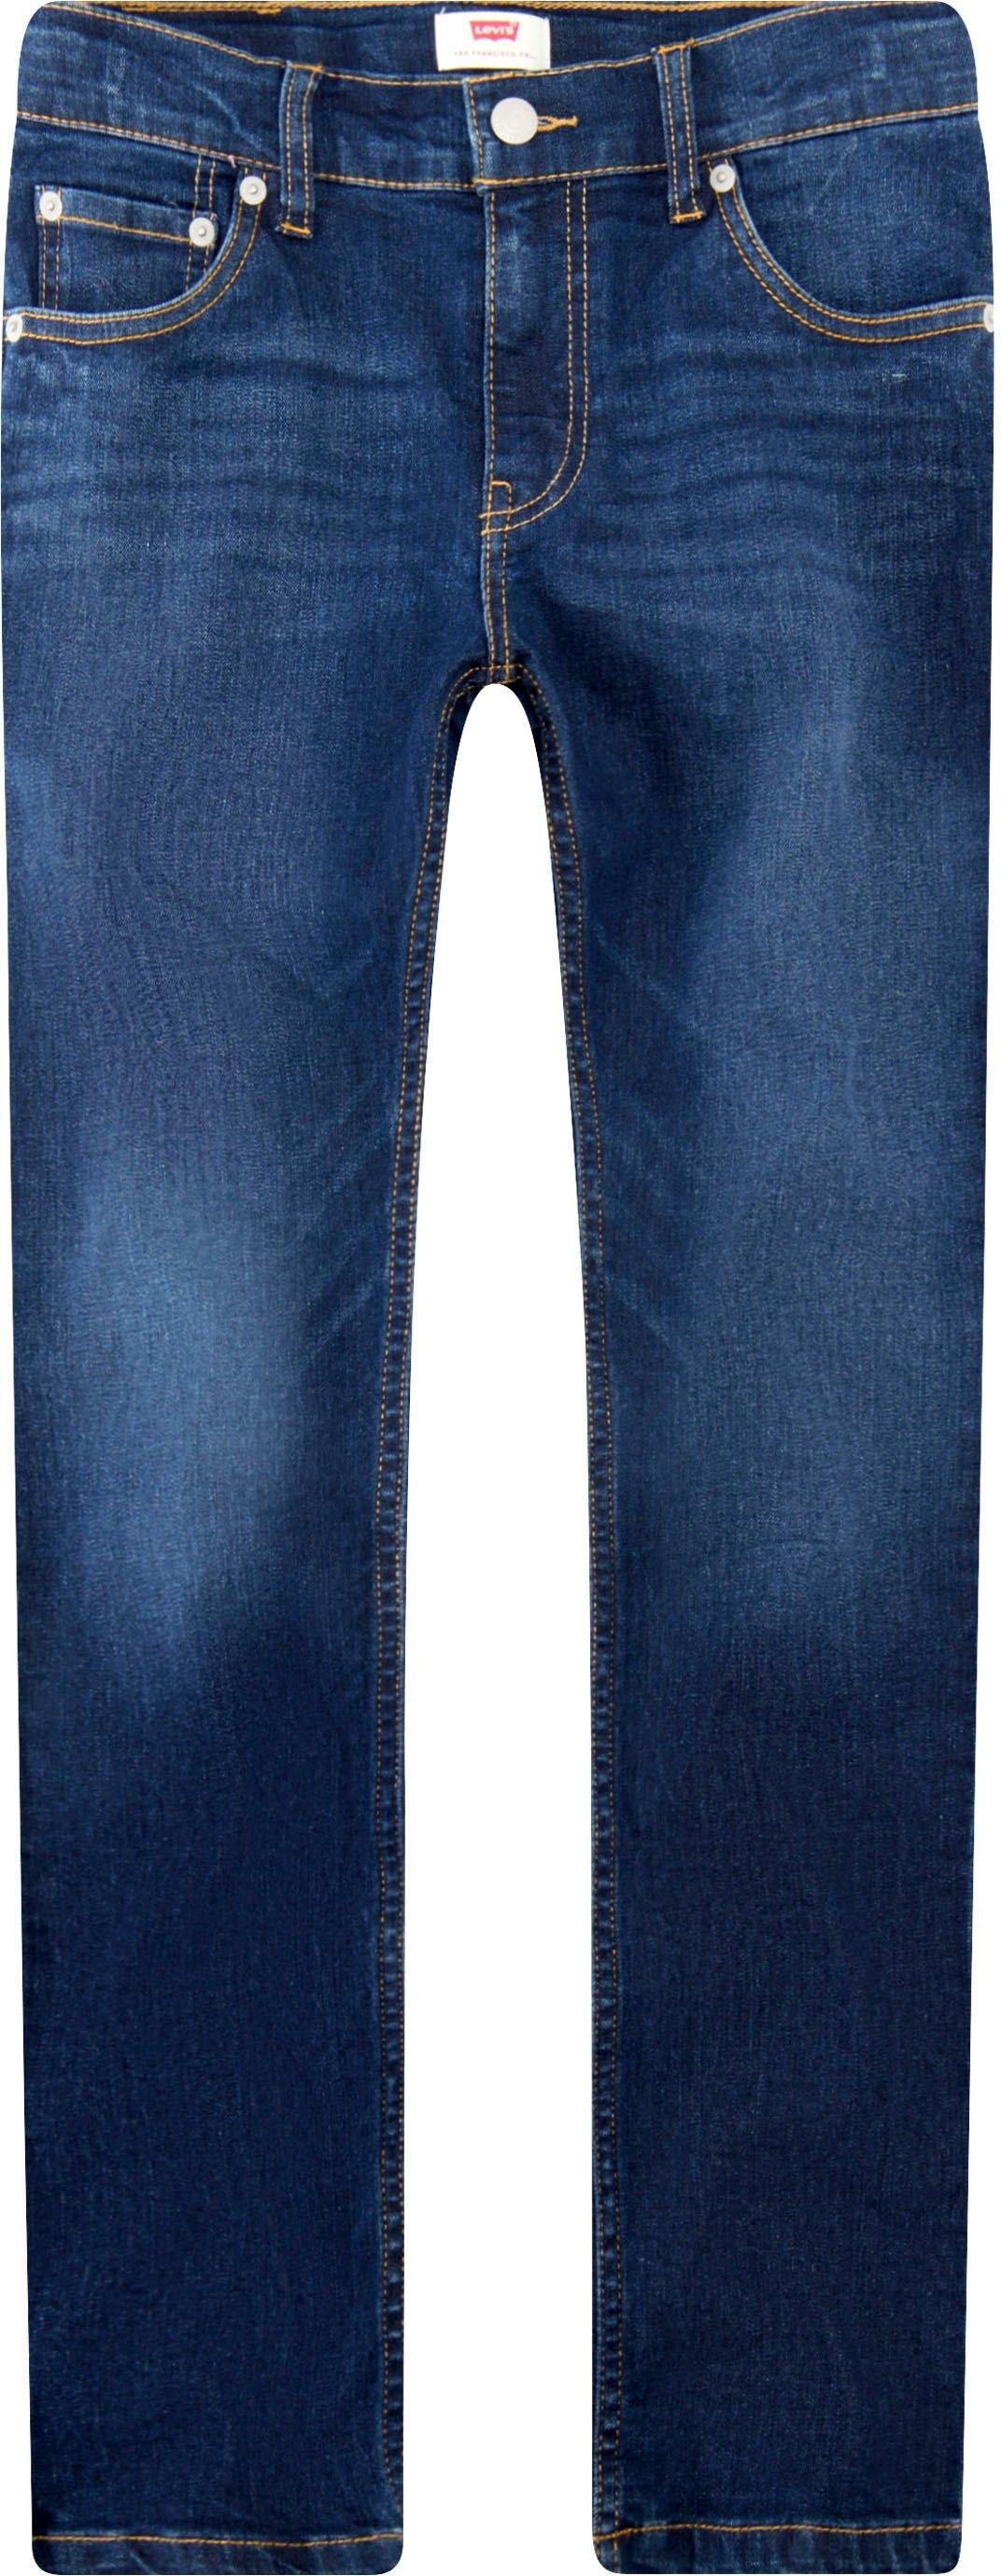 Levi's Kidswear stretch jeans »LVB 510 SKINNY FIT JEAN« online kopen op otto.nl